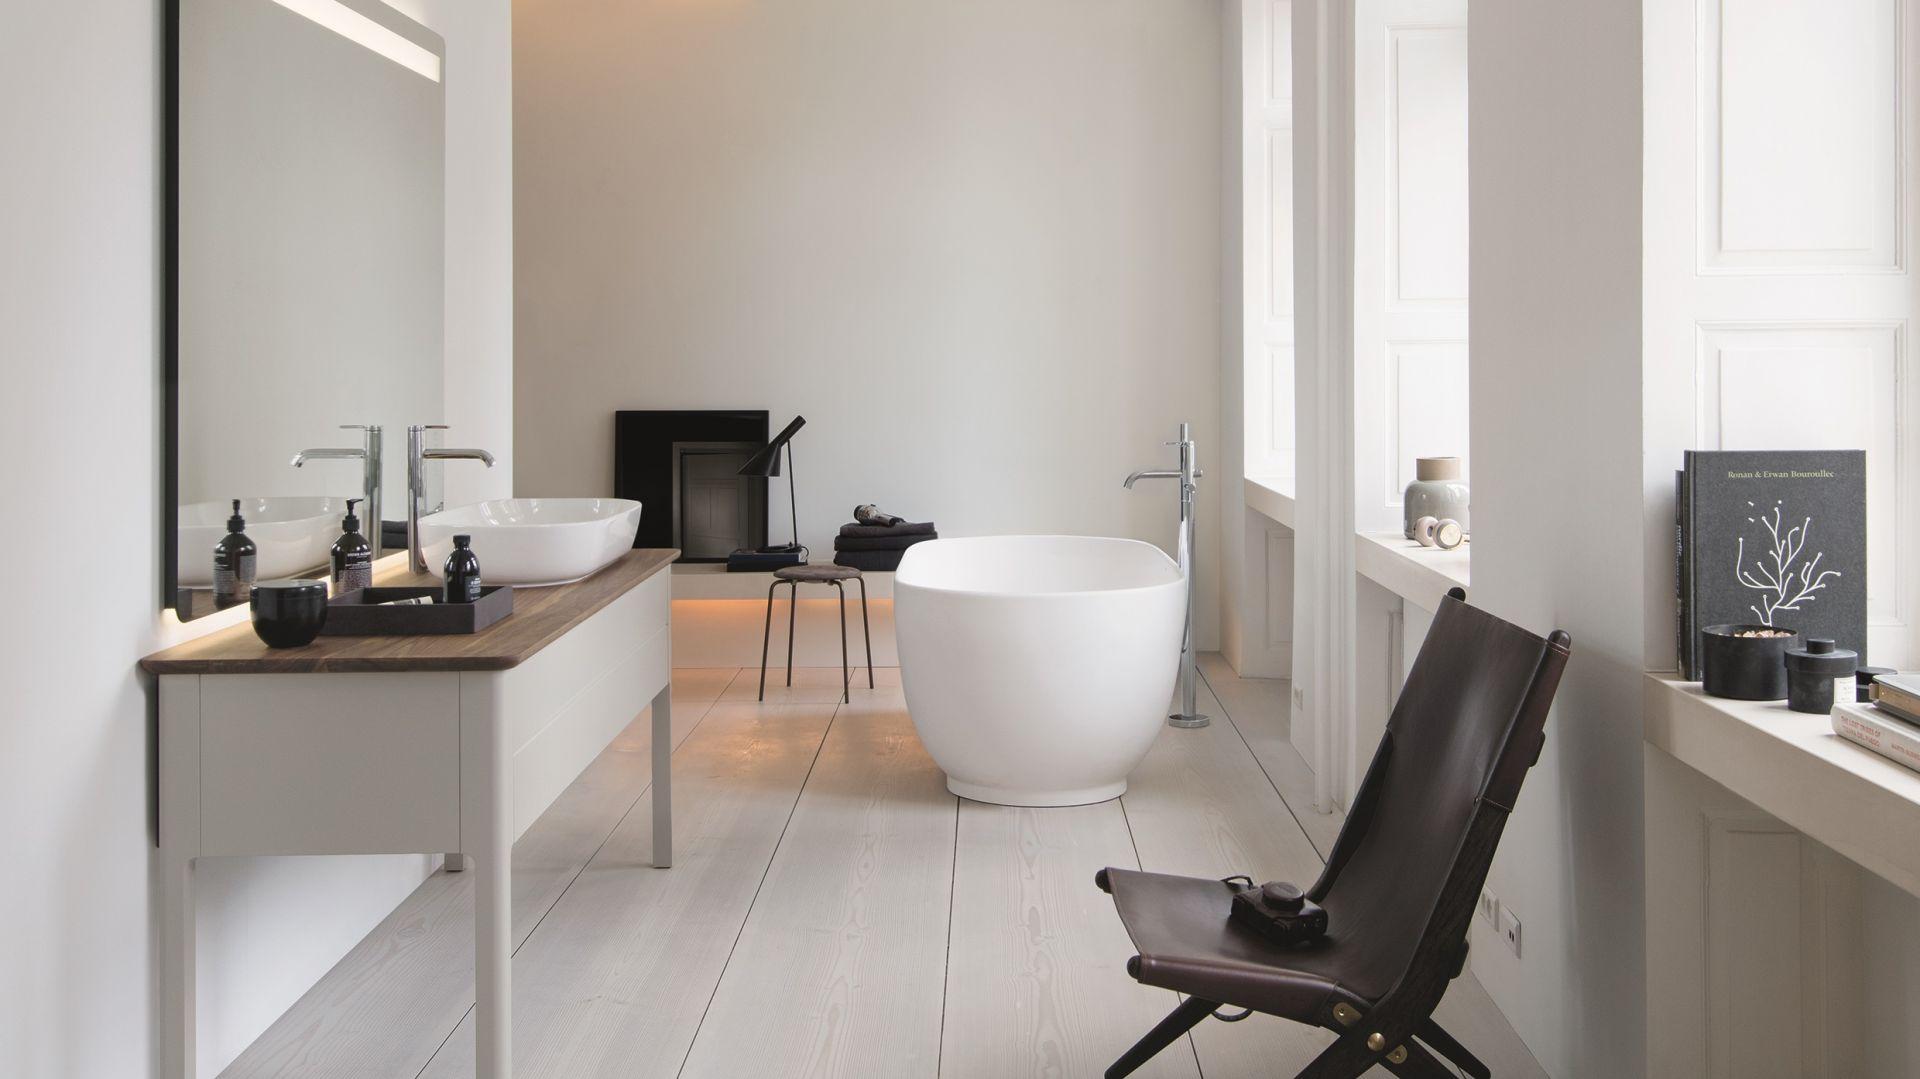 Pomysł na białą łazienkę. Idealnym dopełnieniem białej łazienki w stylu skandynawskim może być seria umywalek i mebli łazienkowych LUV marki Duravit, stworzona przez duńską projektantkę Cecilie Manz. Fot. Materiały prasowe Greston